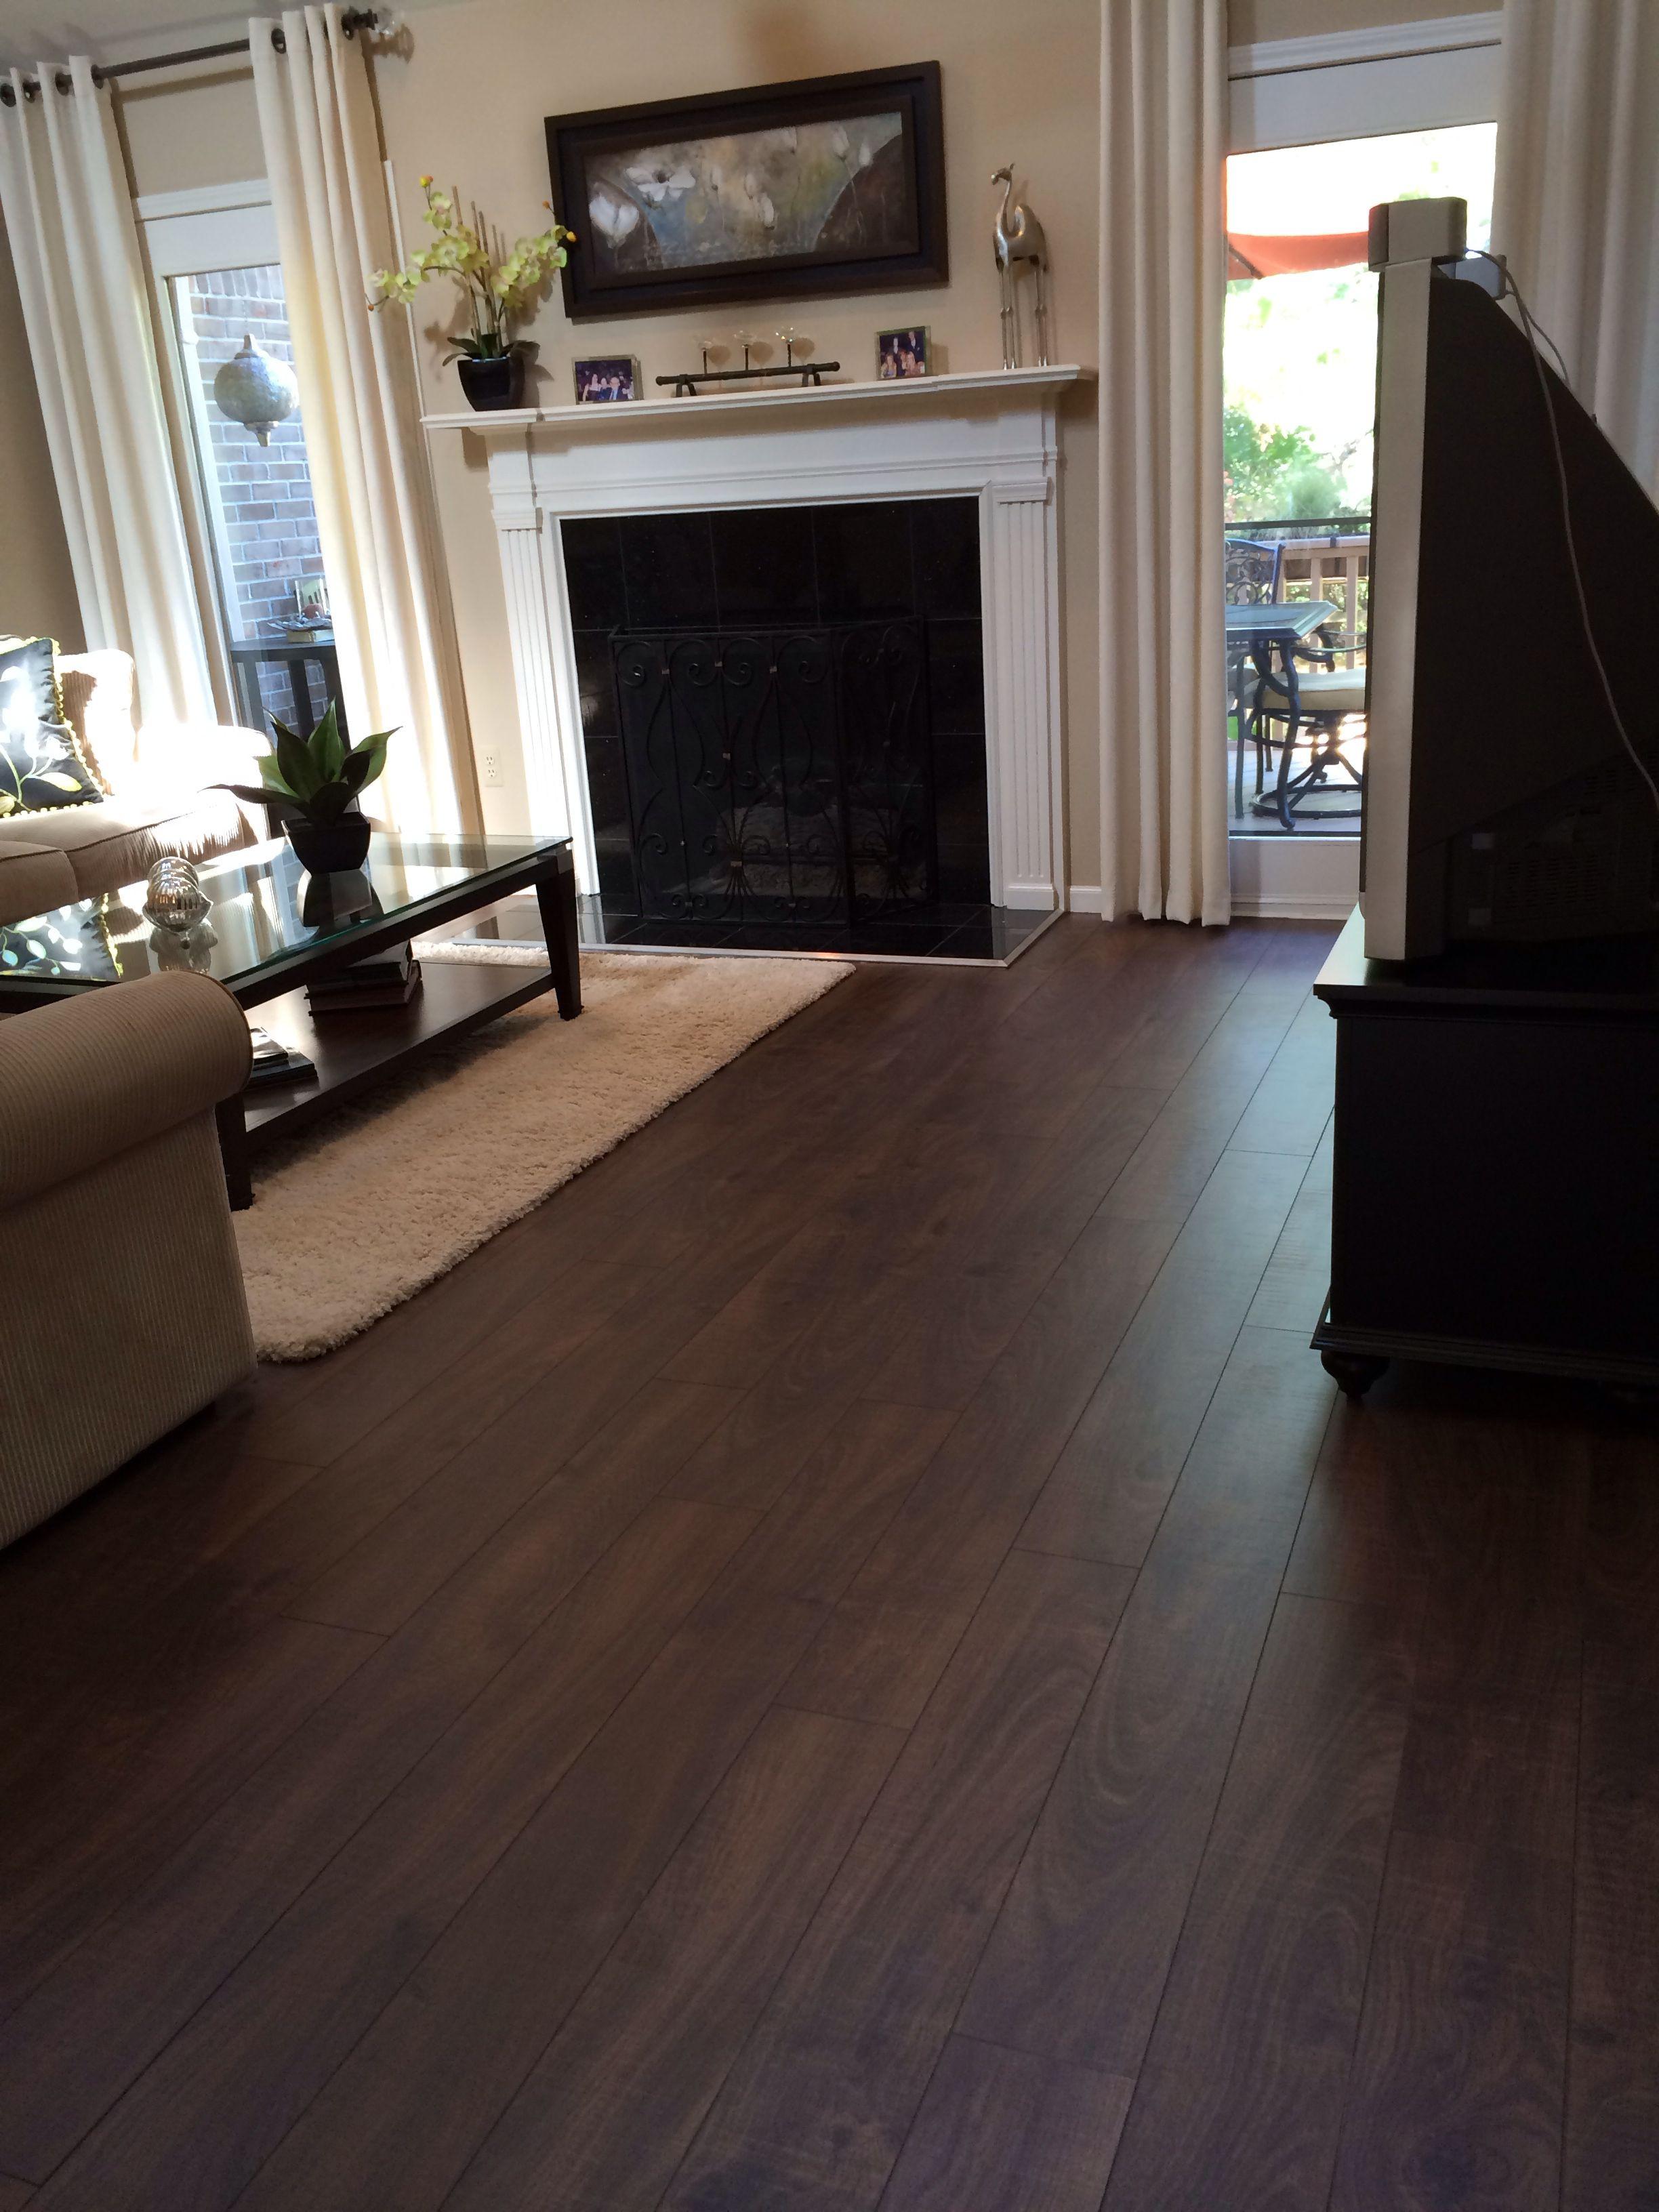 mm hardwood floors of laminate flooring household pinterest laminate flooring within laminate flooring